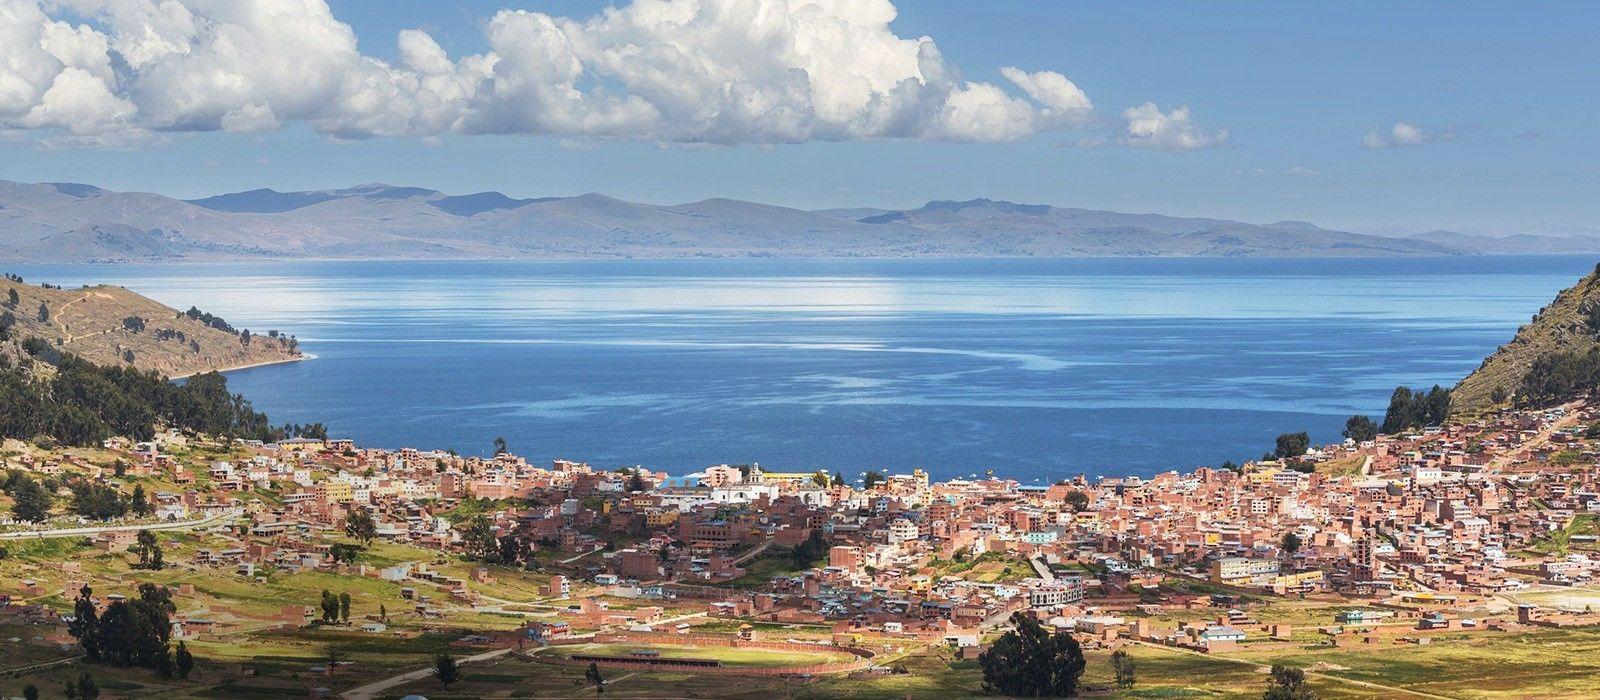 Destination Copacabana Bolivia